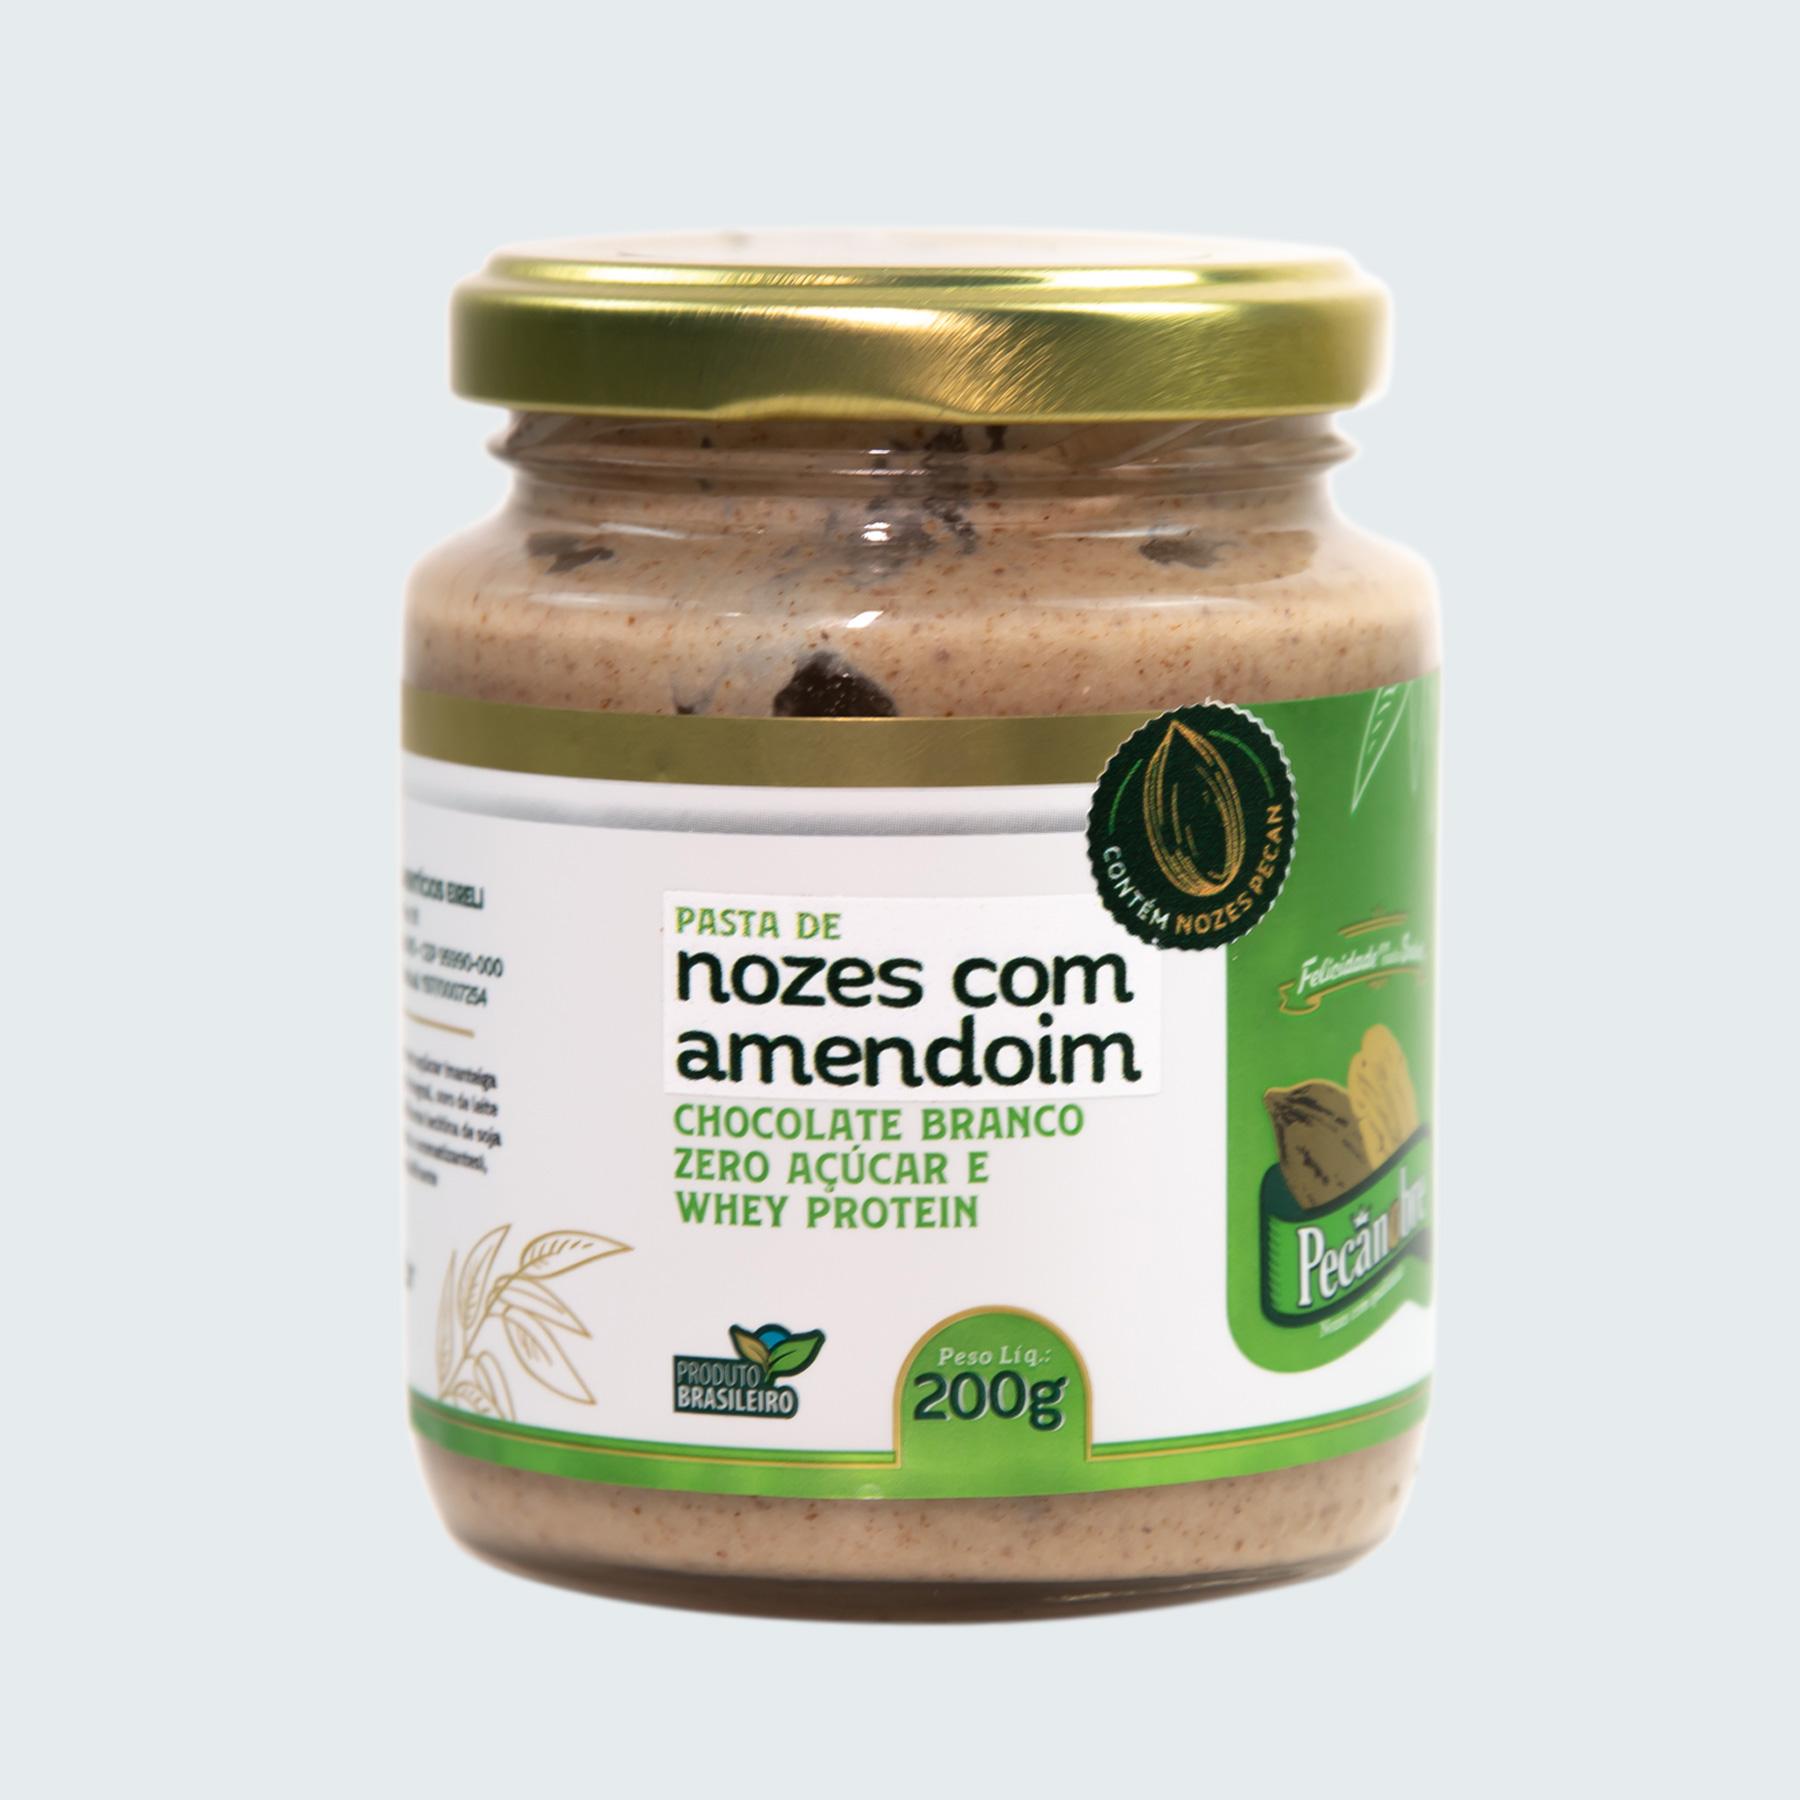 PASTA DE NOZES COM AMENDOIM CHOCOLATE BRA...